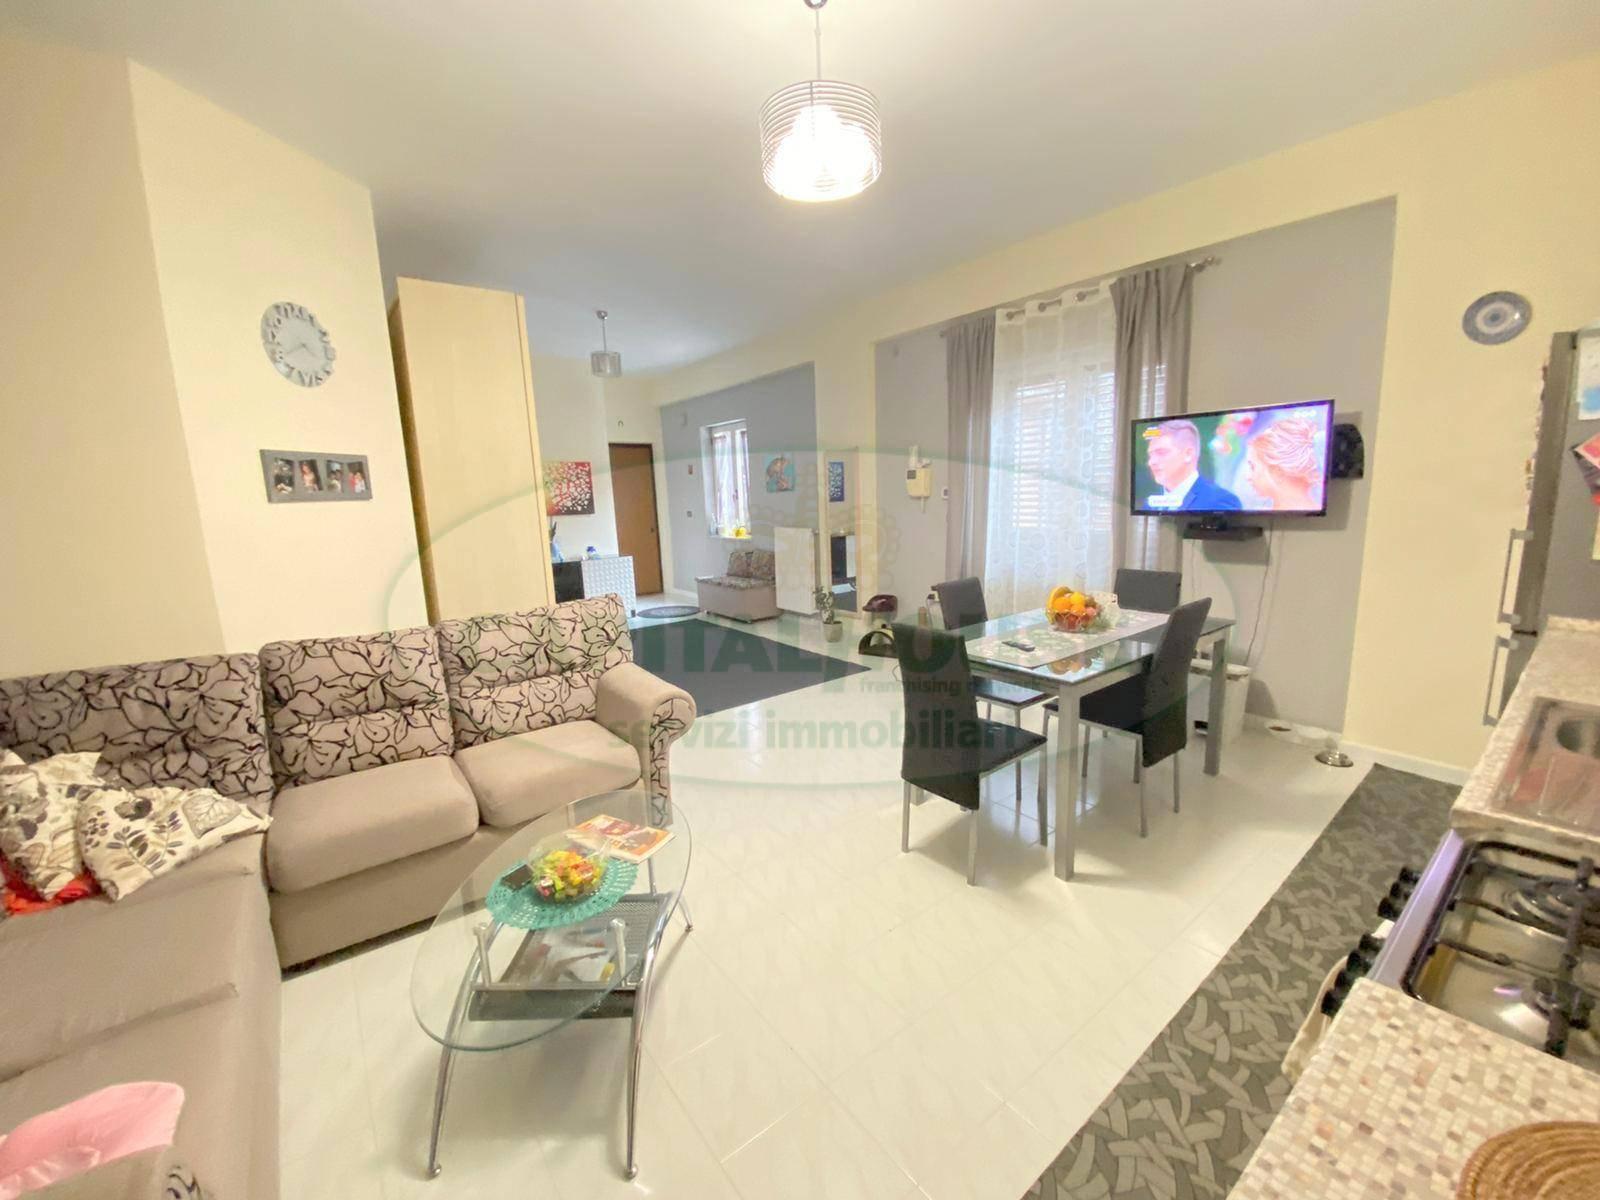 Appartamento in vendita a Monteforte Irpino, 3 locali, zona Zona: Alvanella, prezzo € 70.000   CambioCasa.it